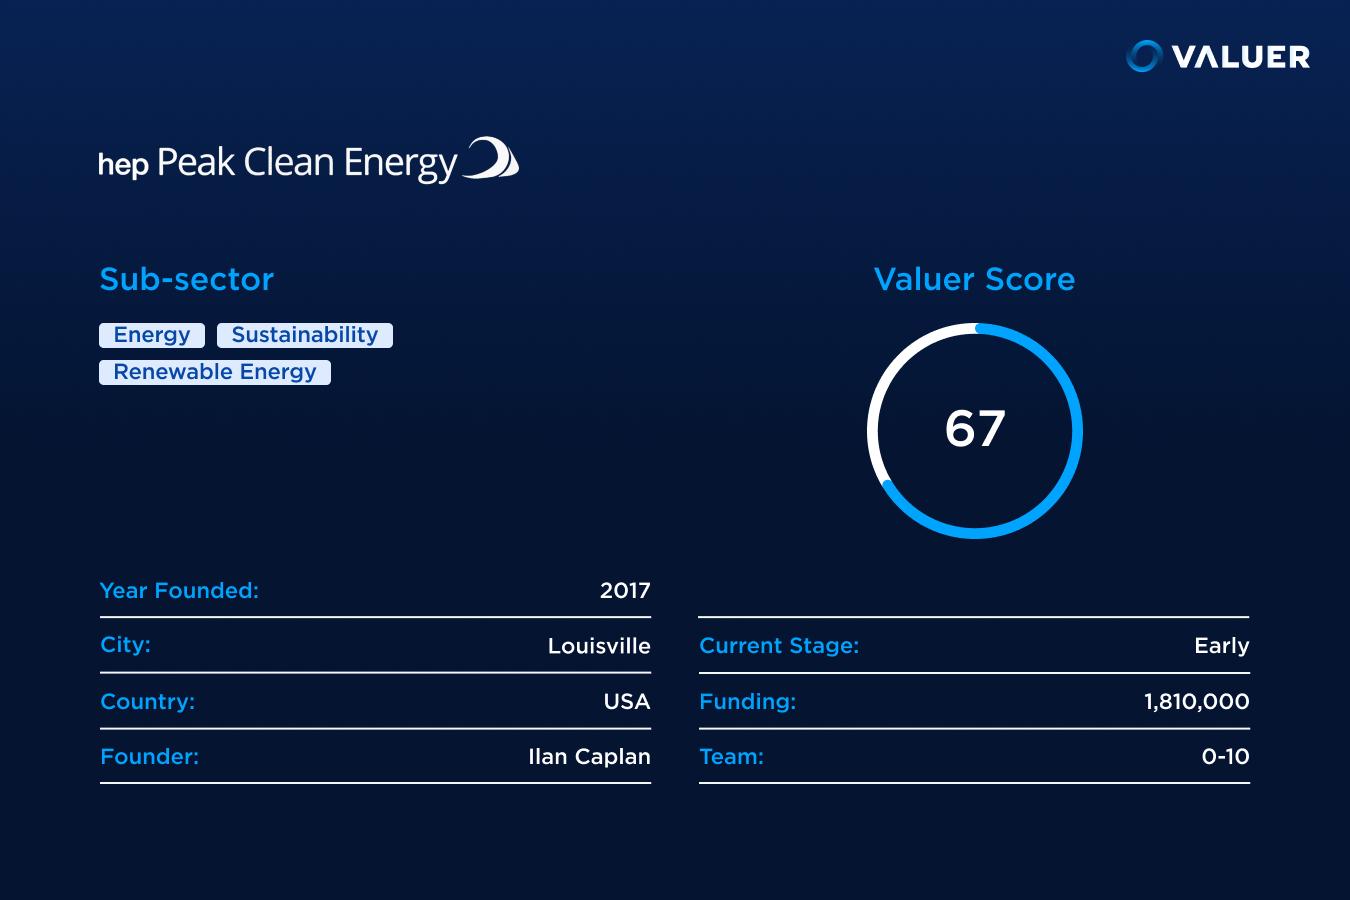 Peak Clean Energy